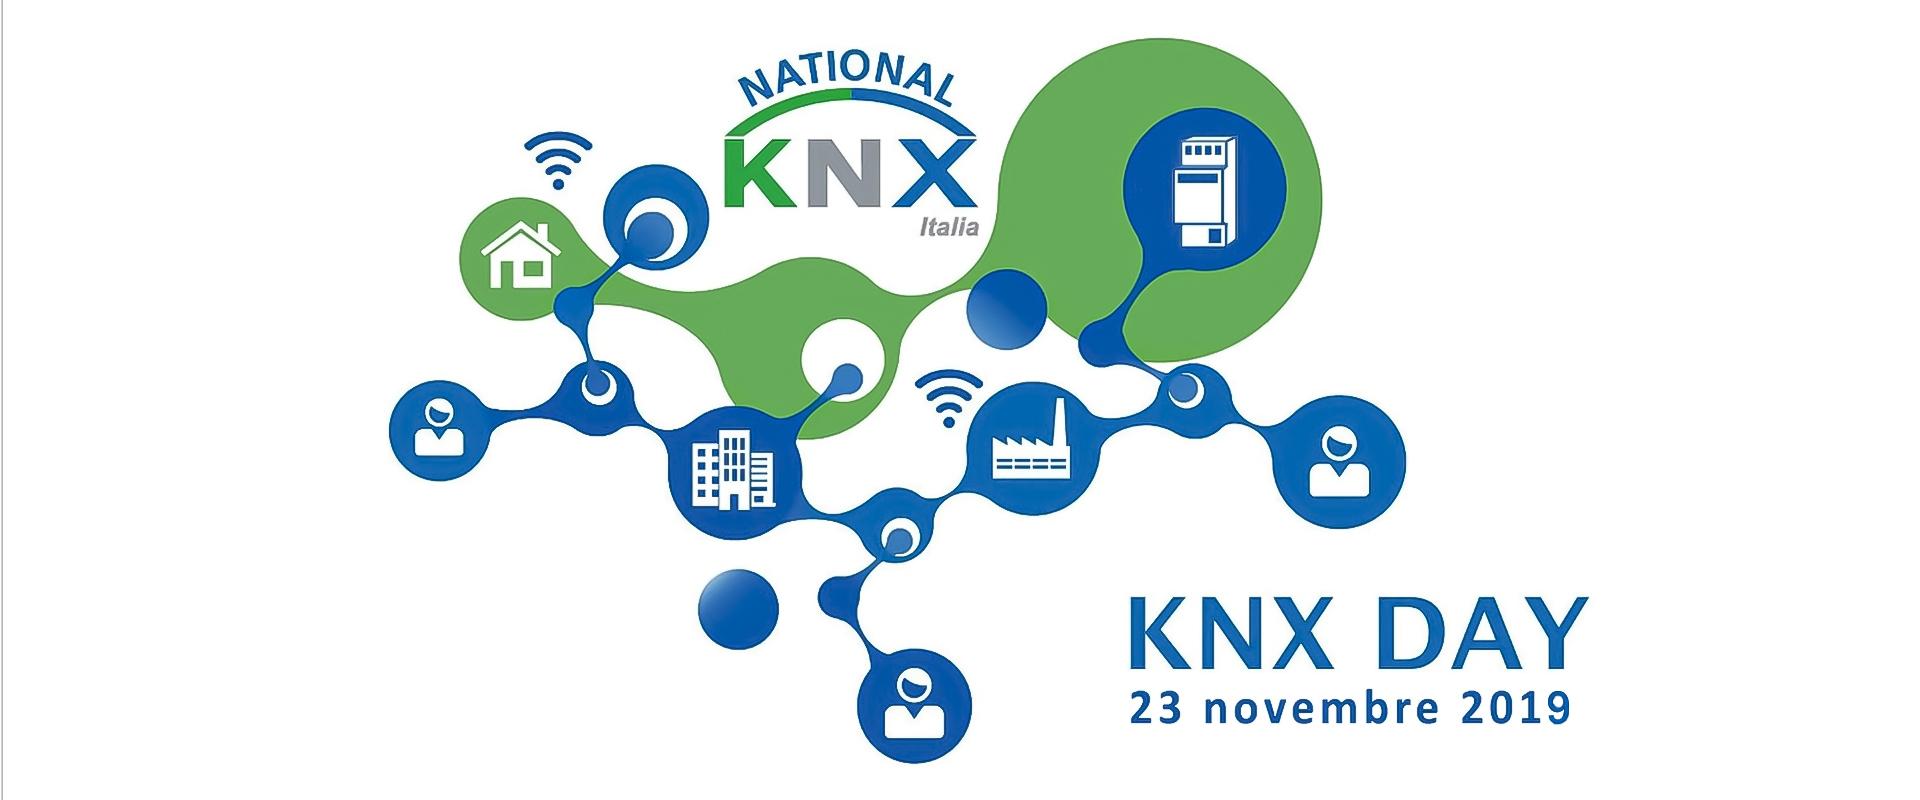 KNX DAY: 6 dicembre 2019, Museo del Volo, Volandia